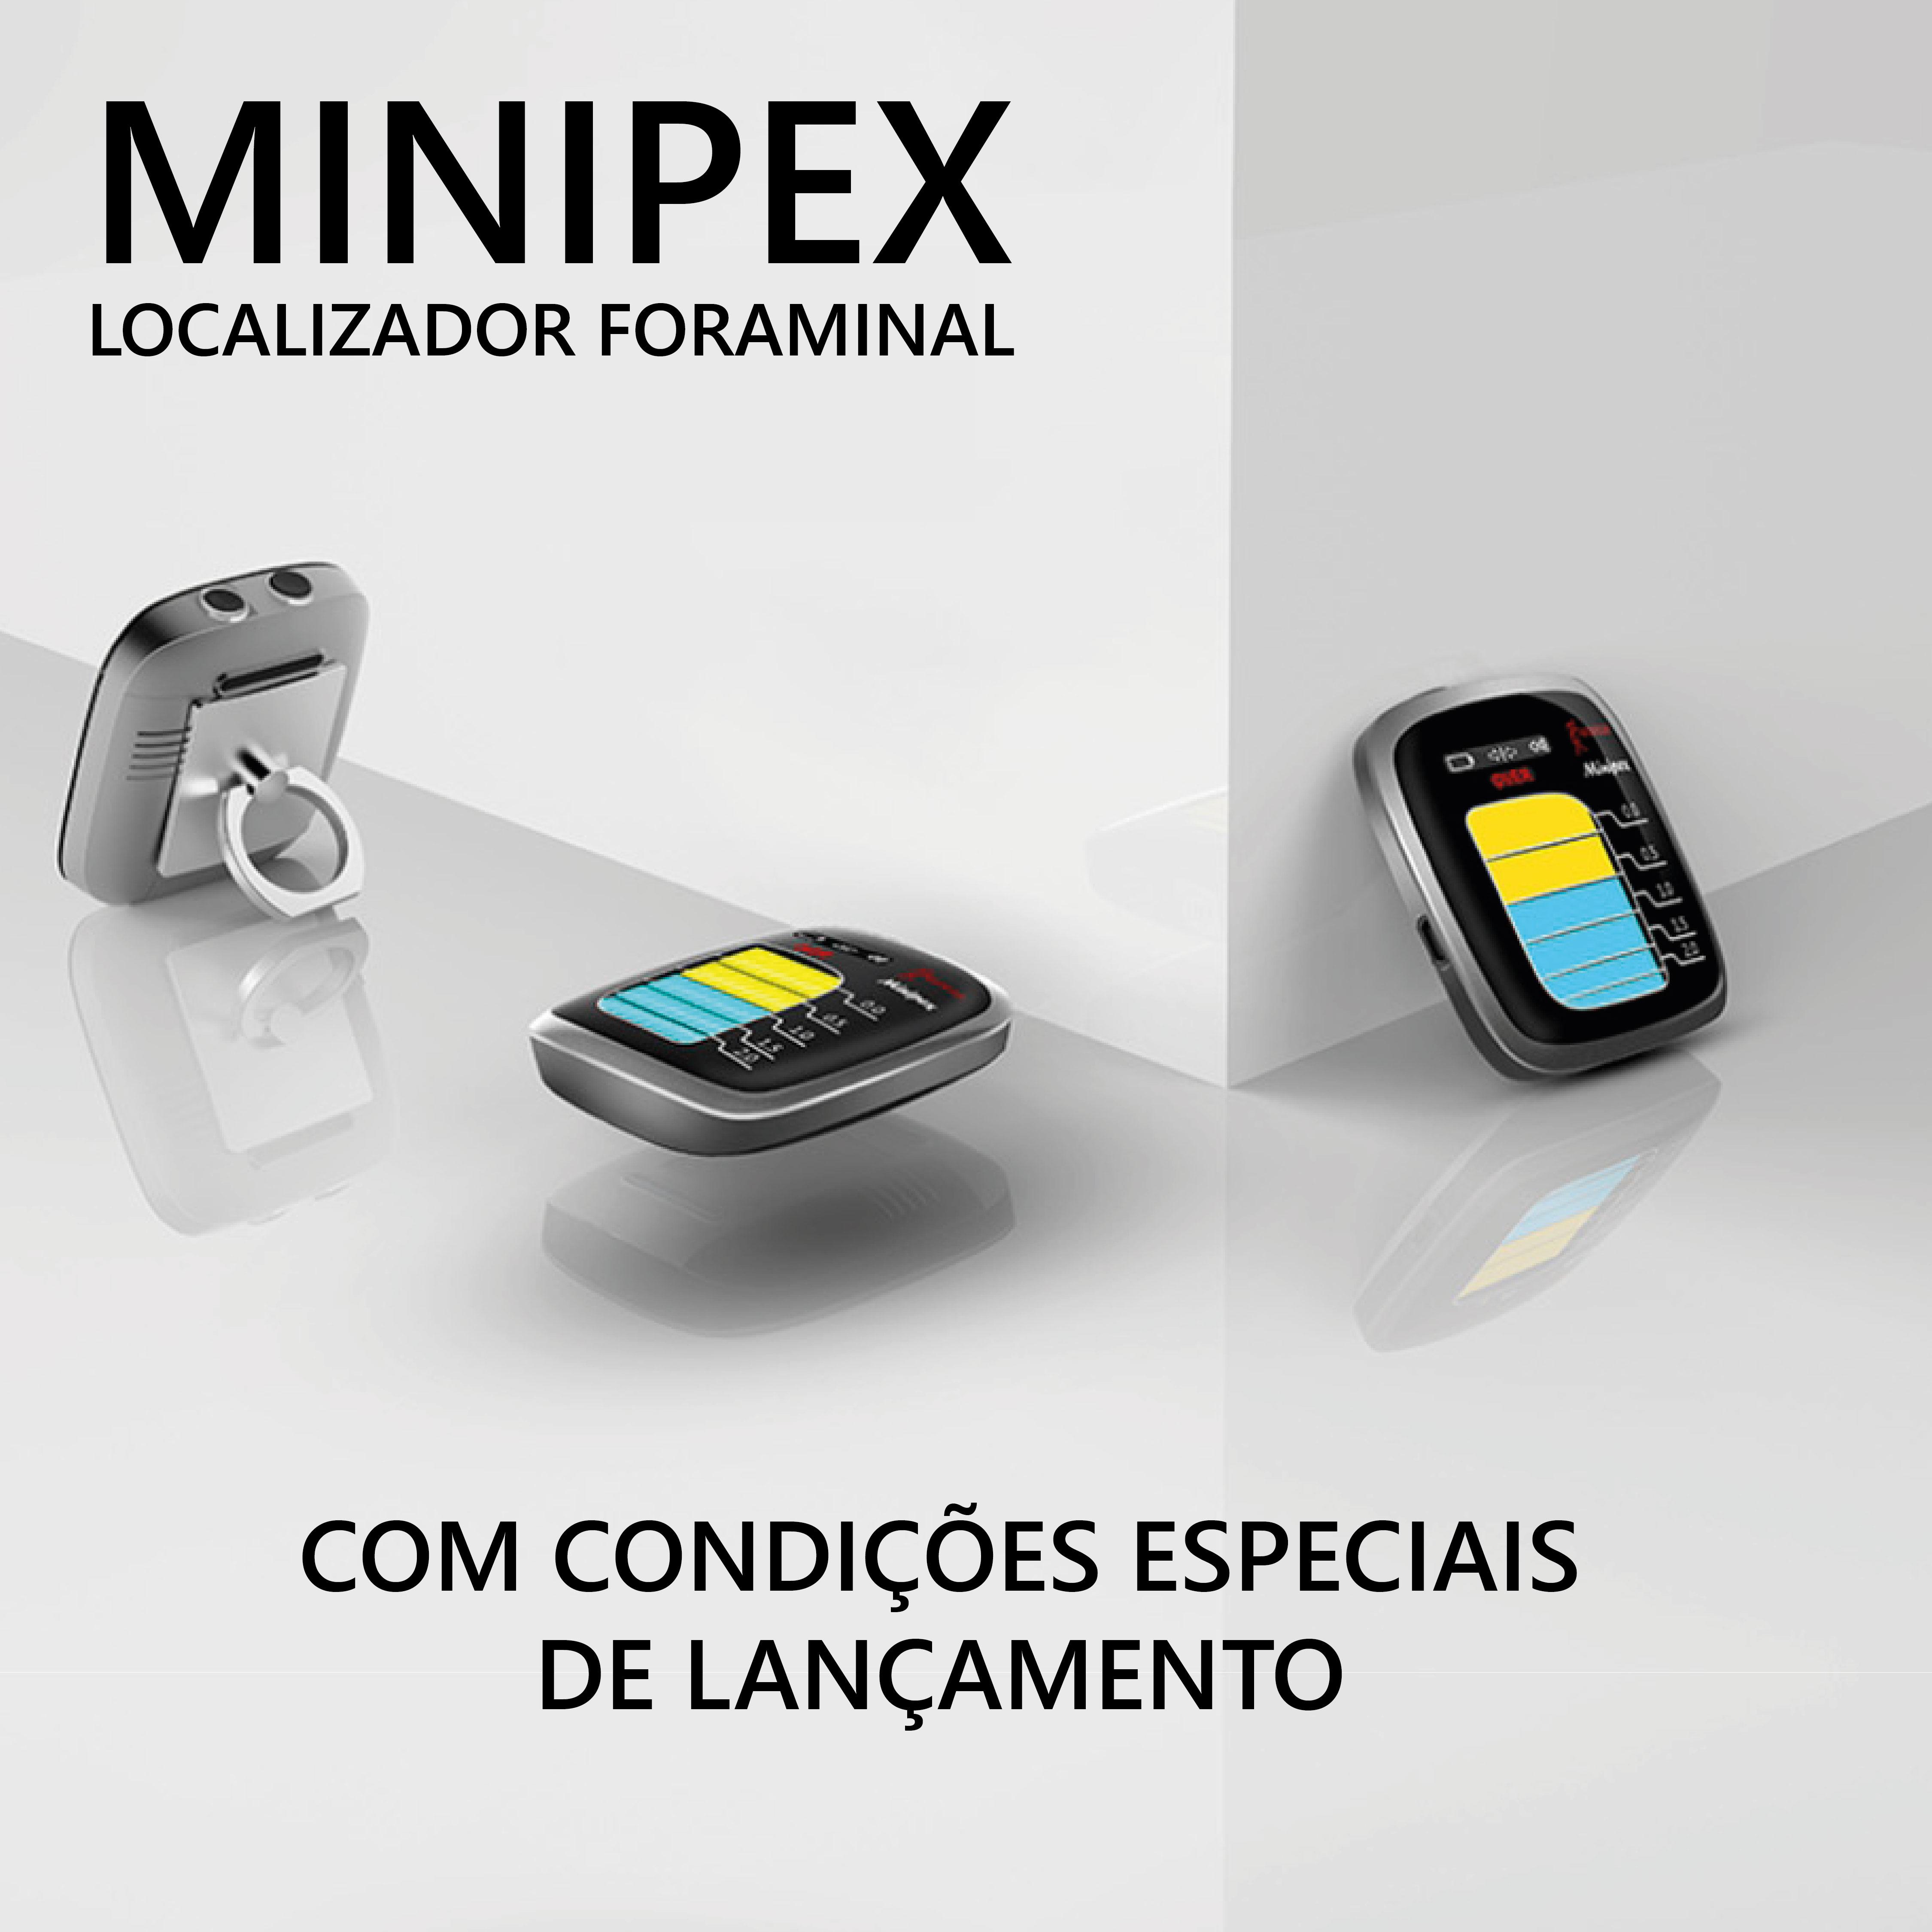 Localizador Foraminal Minipex